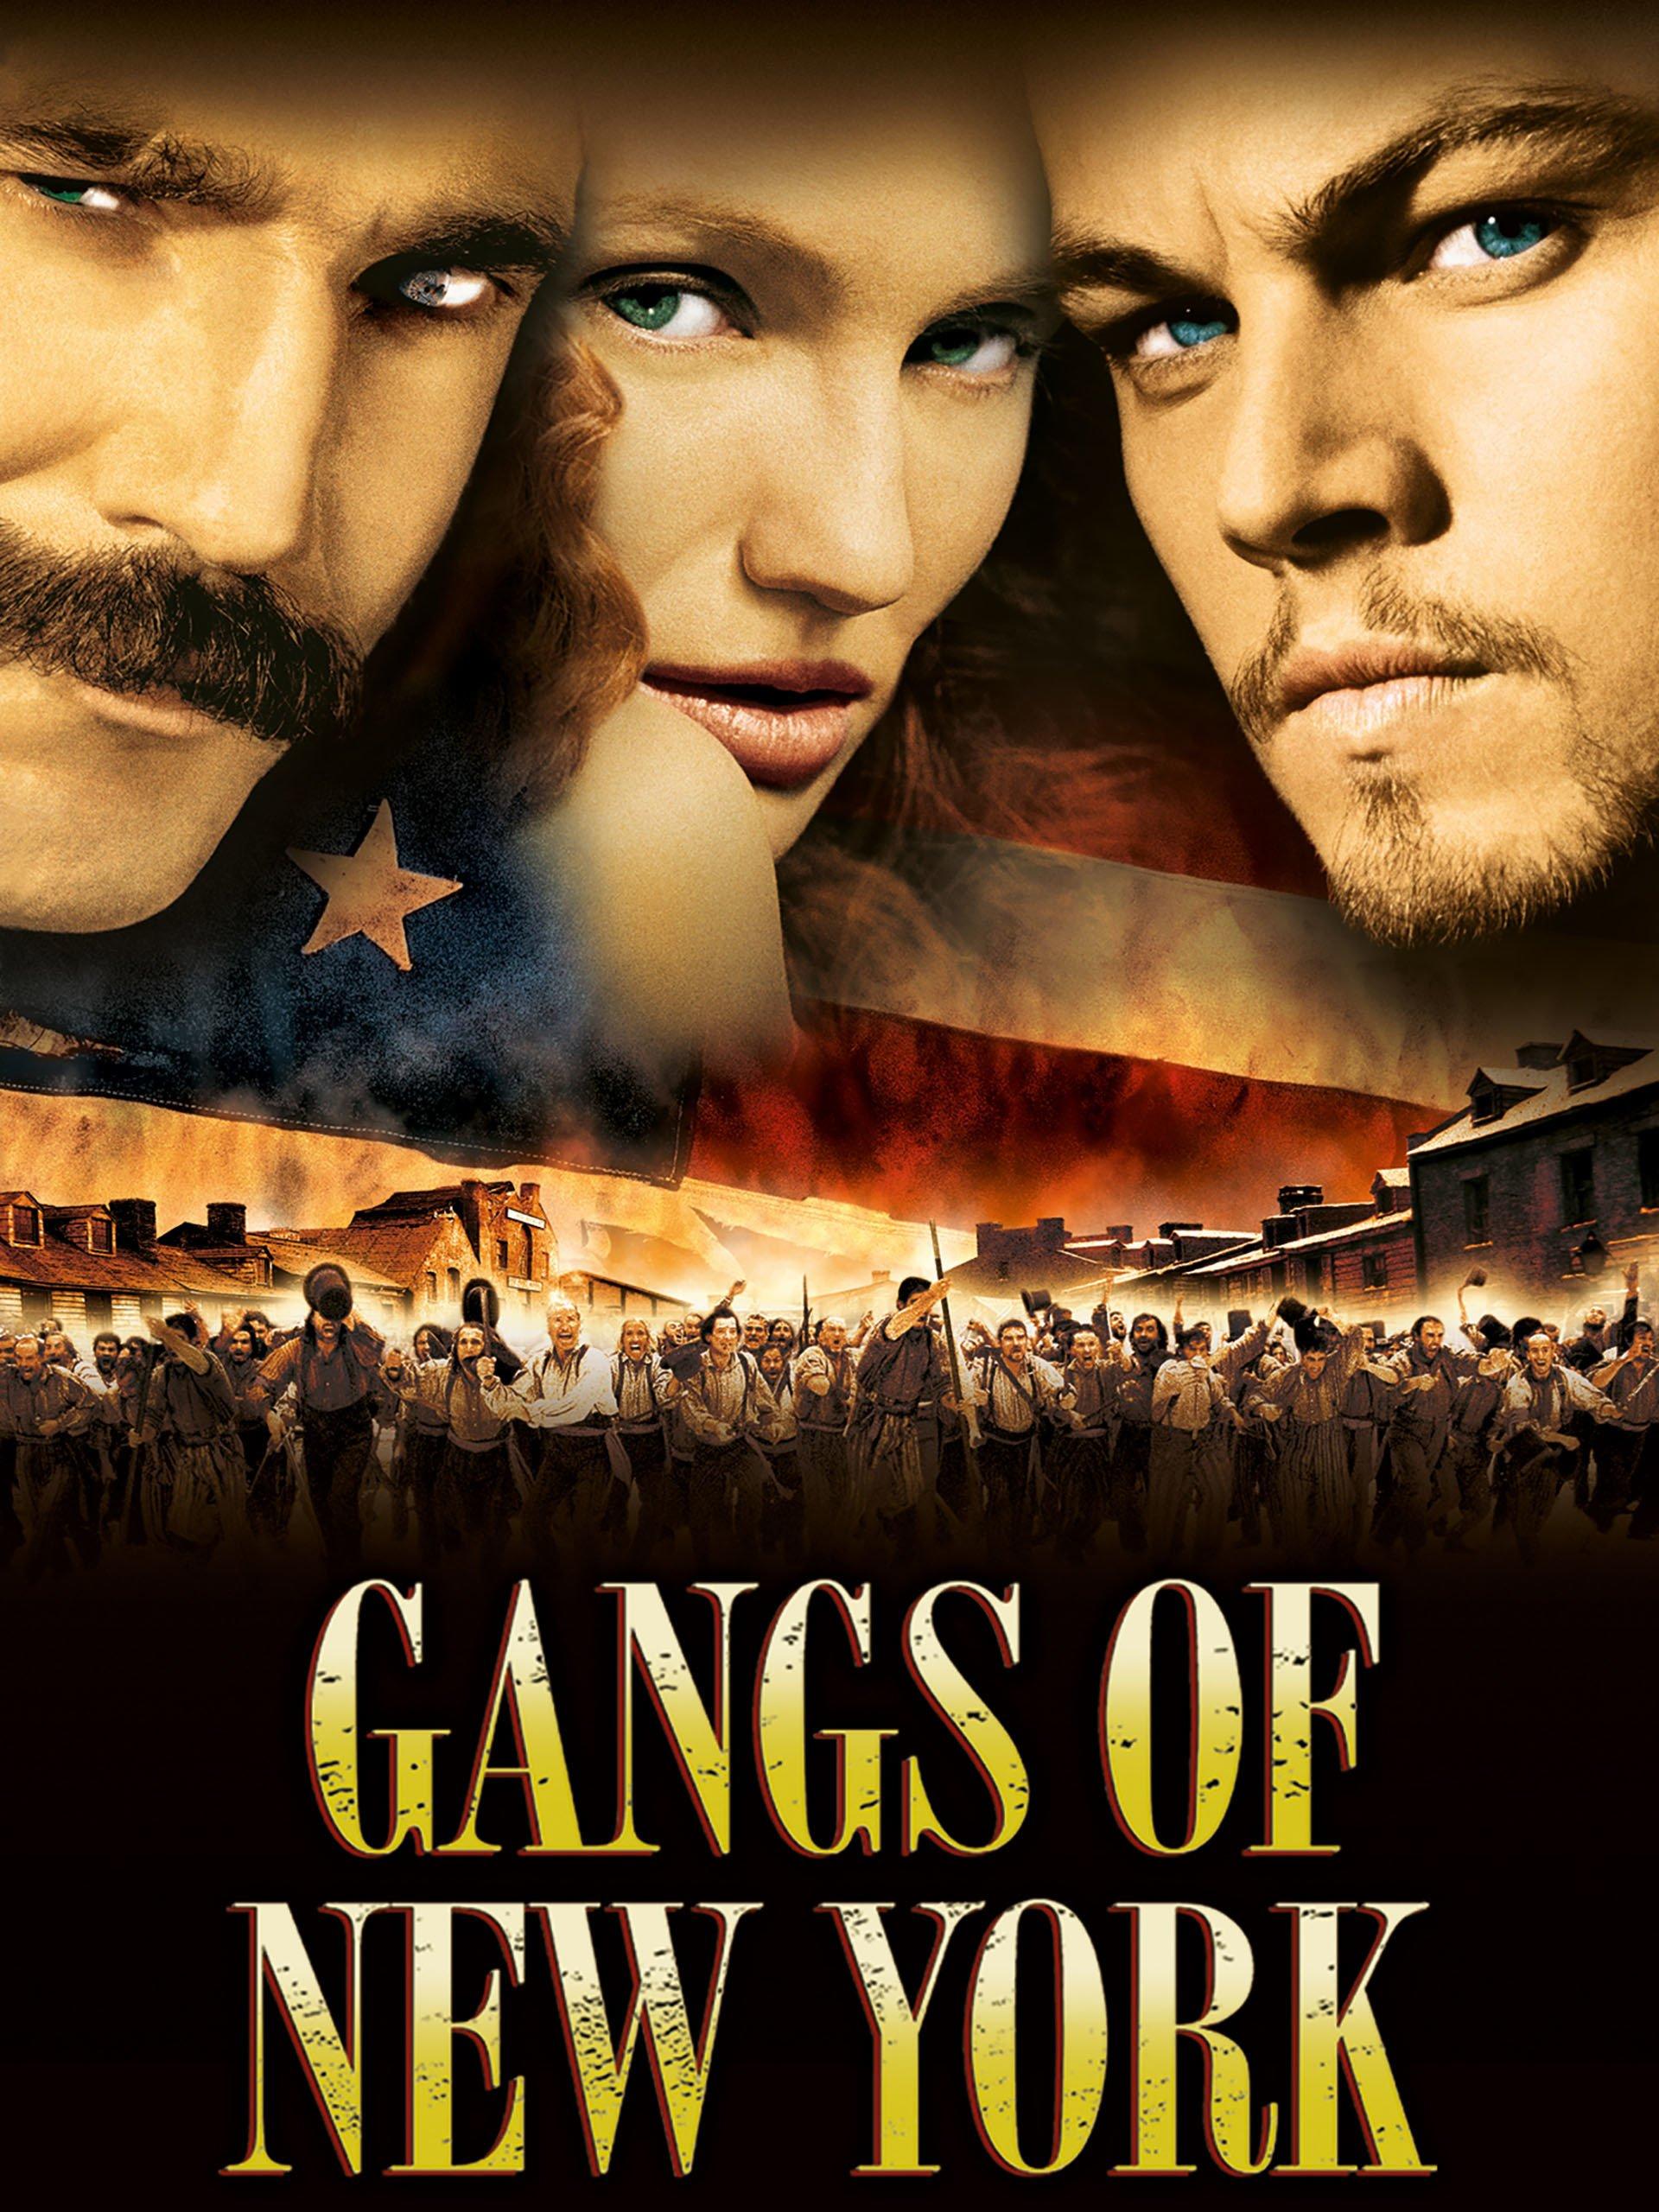 فیلم سینمایی Gangs of New York 2002(دار و دسته نیویورکی ها)+زبان اصلی+زیرنویس فارسی